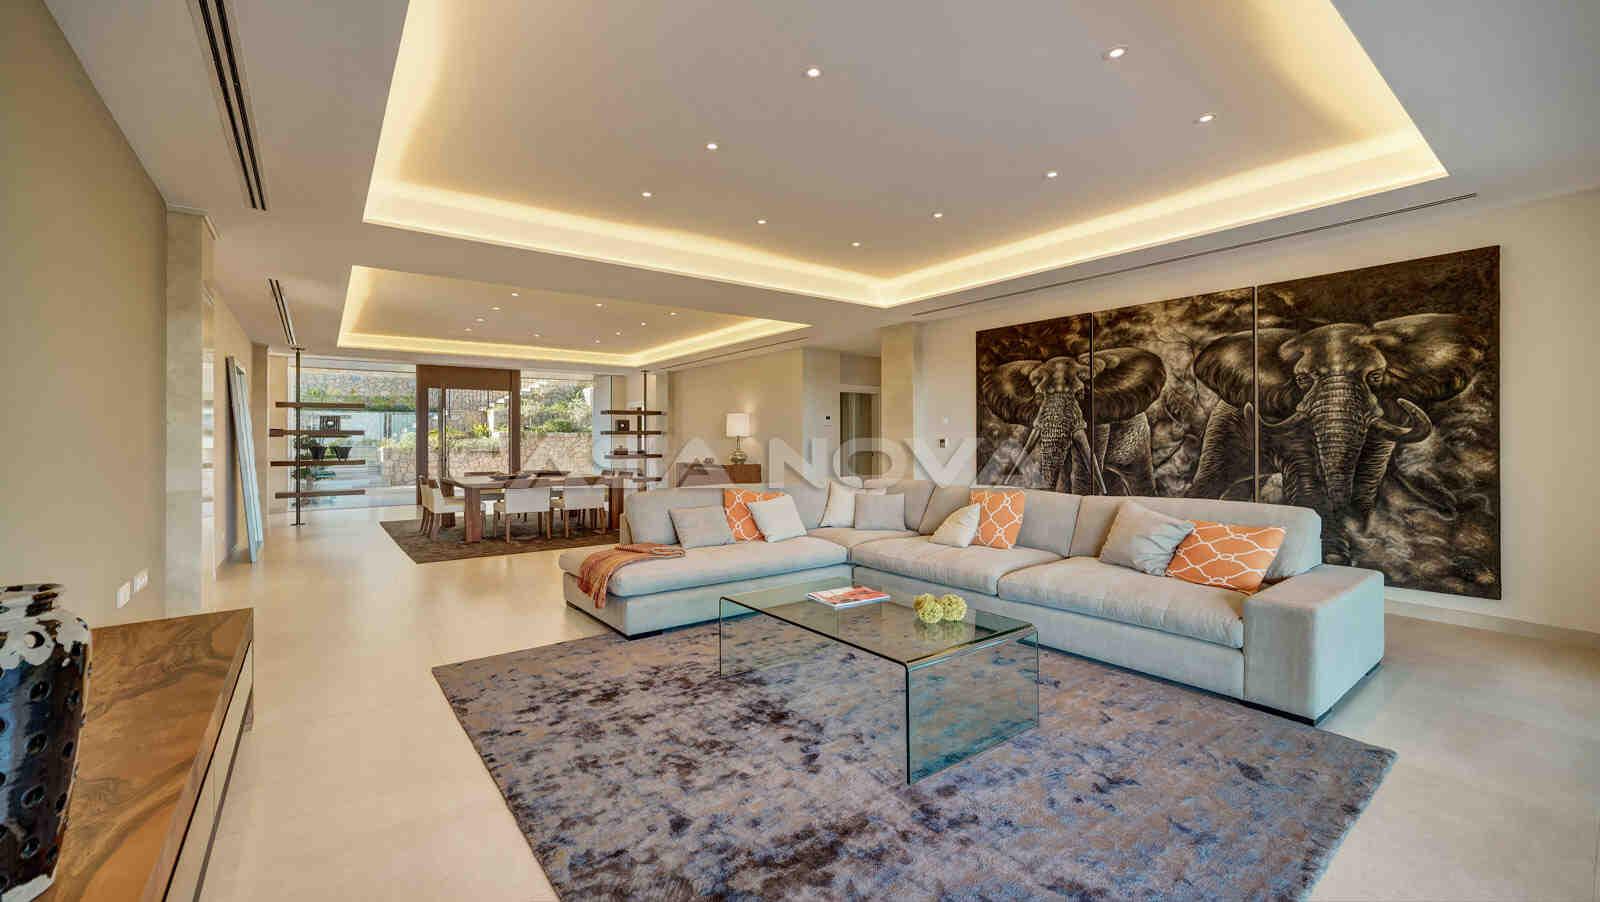 Geschmacksvoll Eingerichteter Wohnbereich mit viel natürlichem Lichteinfall